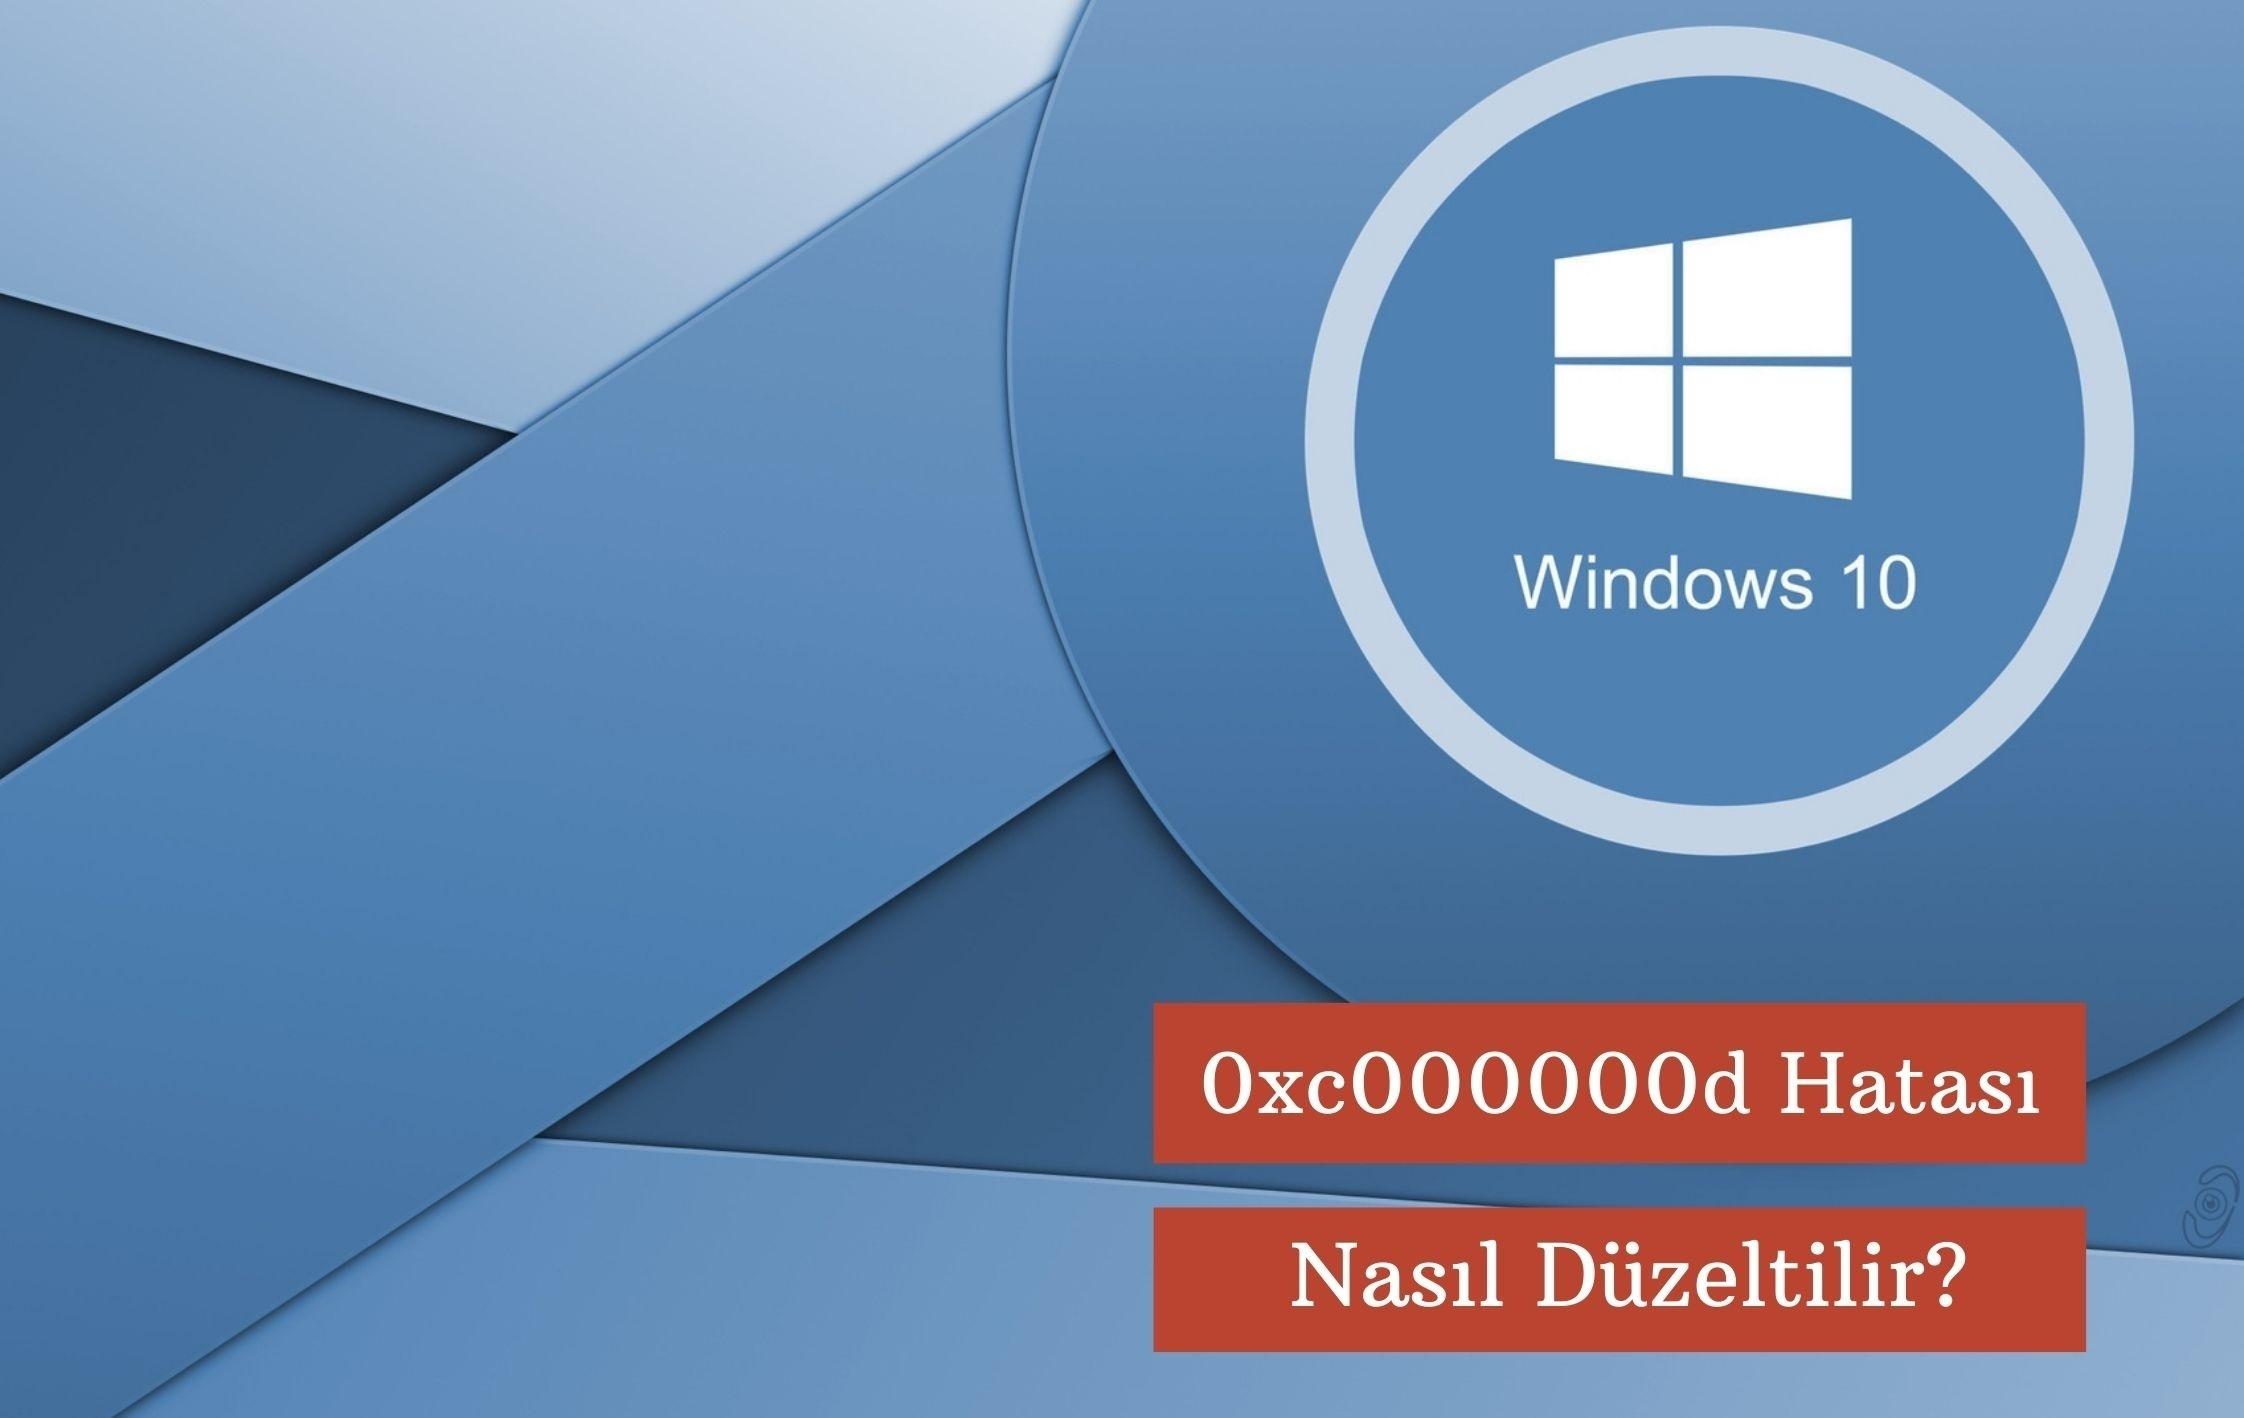 Windows 0xc000000d Hatası Nasıl Düzeltilir?